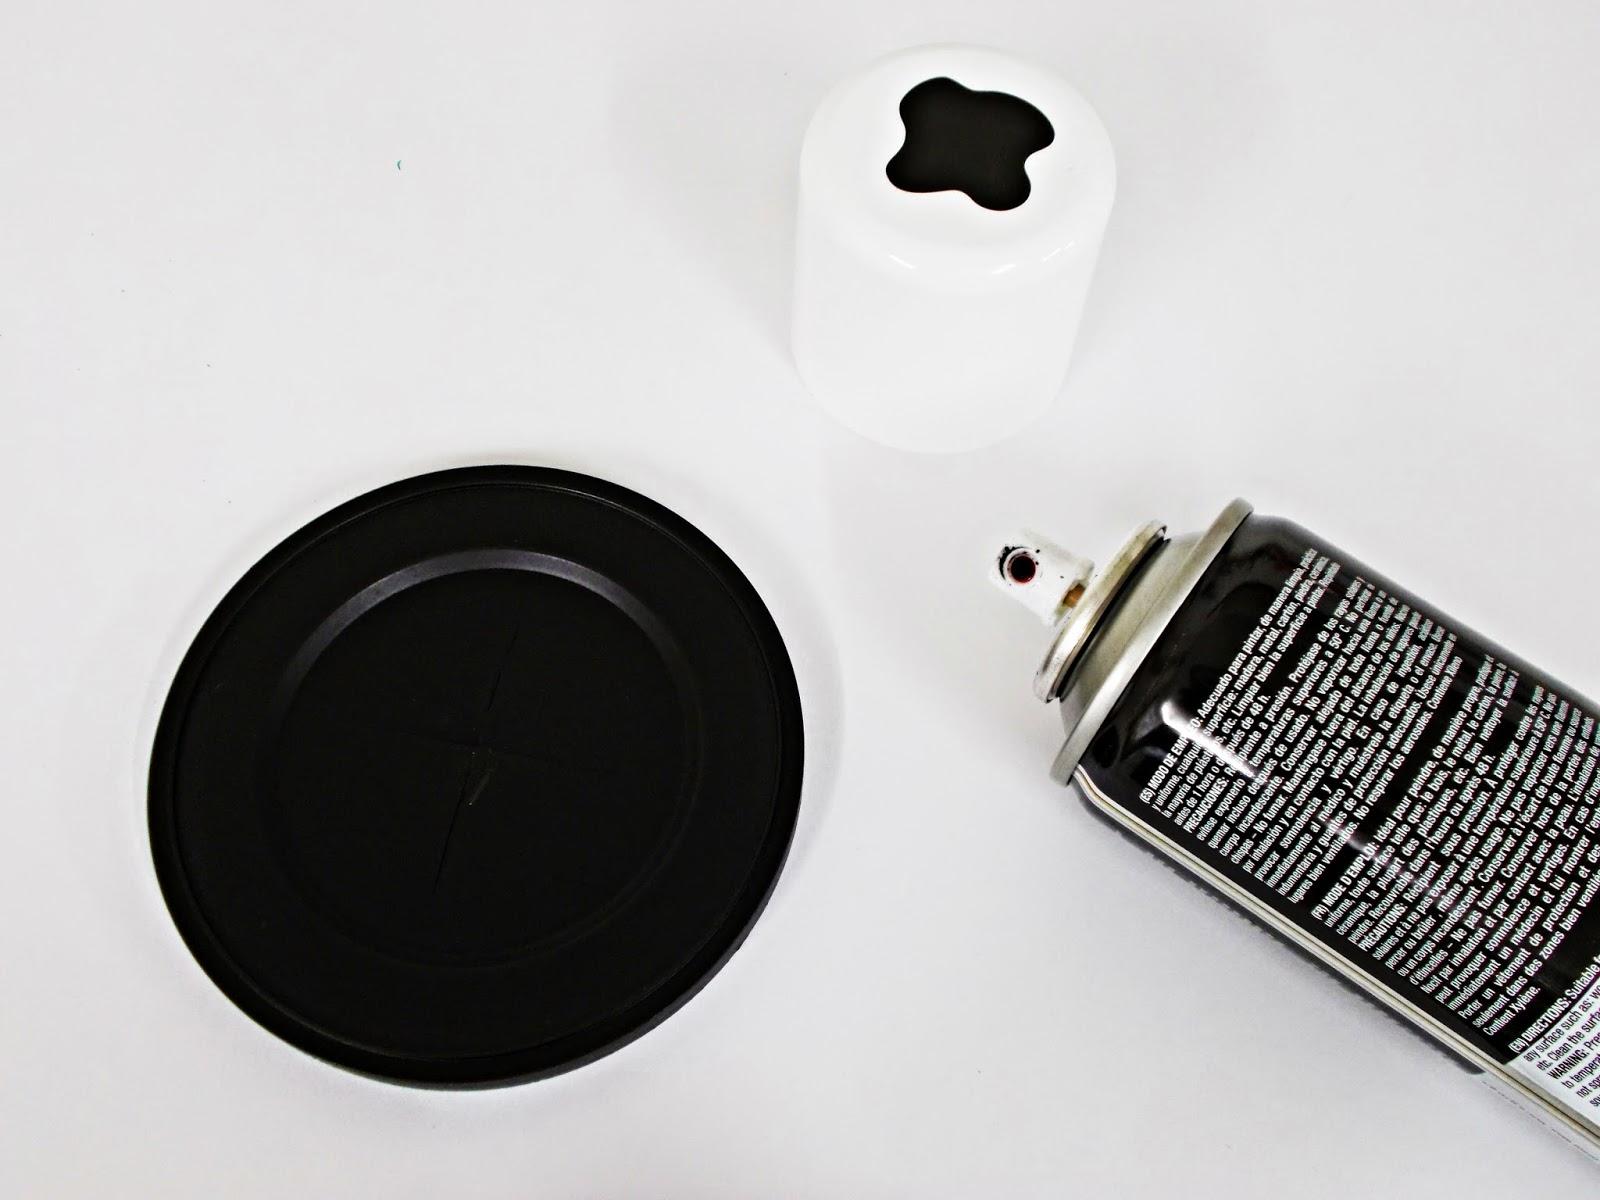 DIY-bote-reciclaje-pilas-tabaco-craquelé-6